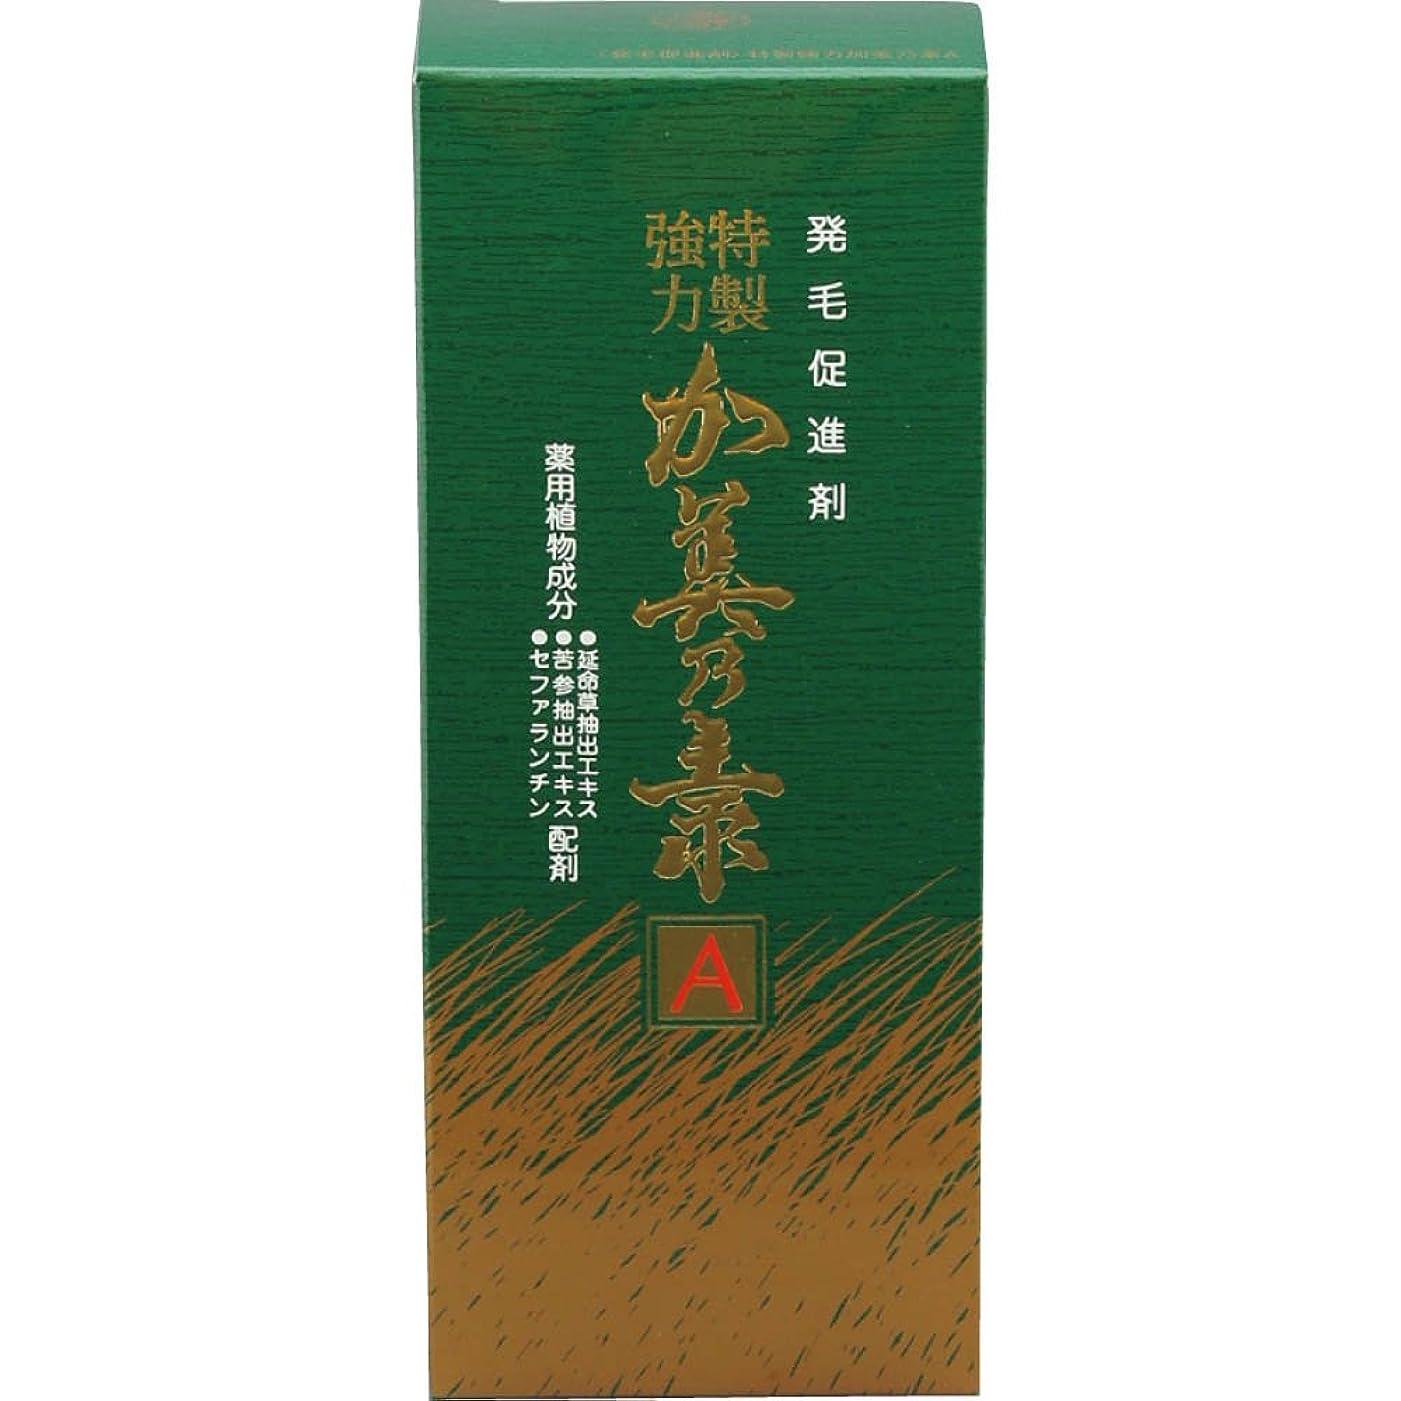 放つ繁栄する置くためにパック特製強力加美乃素A フレッシュシトラスの香り 180mL 【医薬部外品】